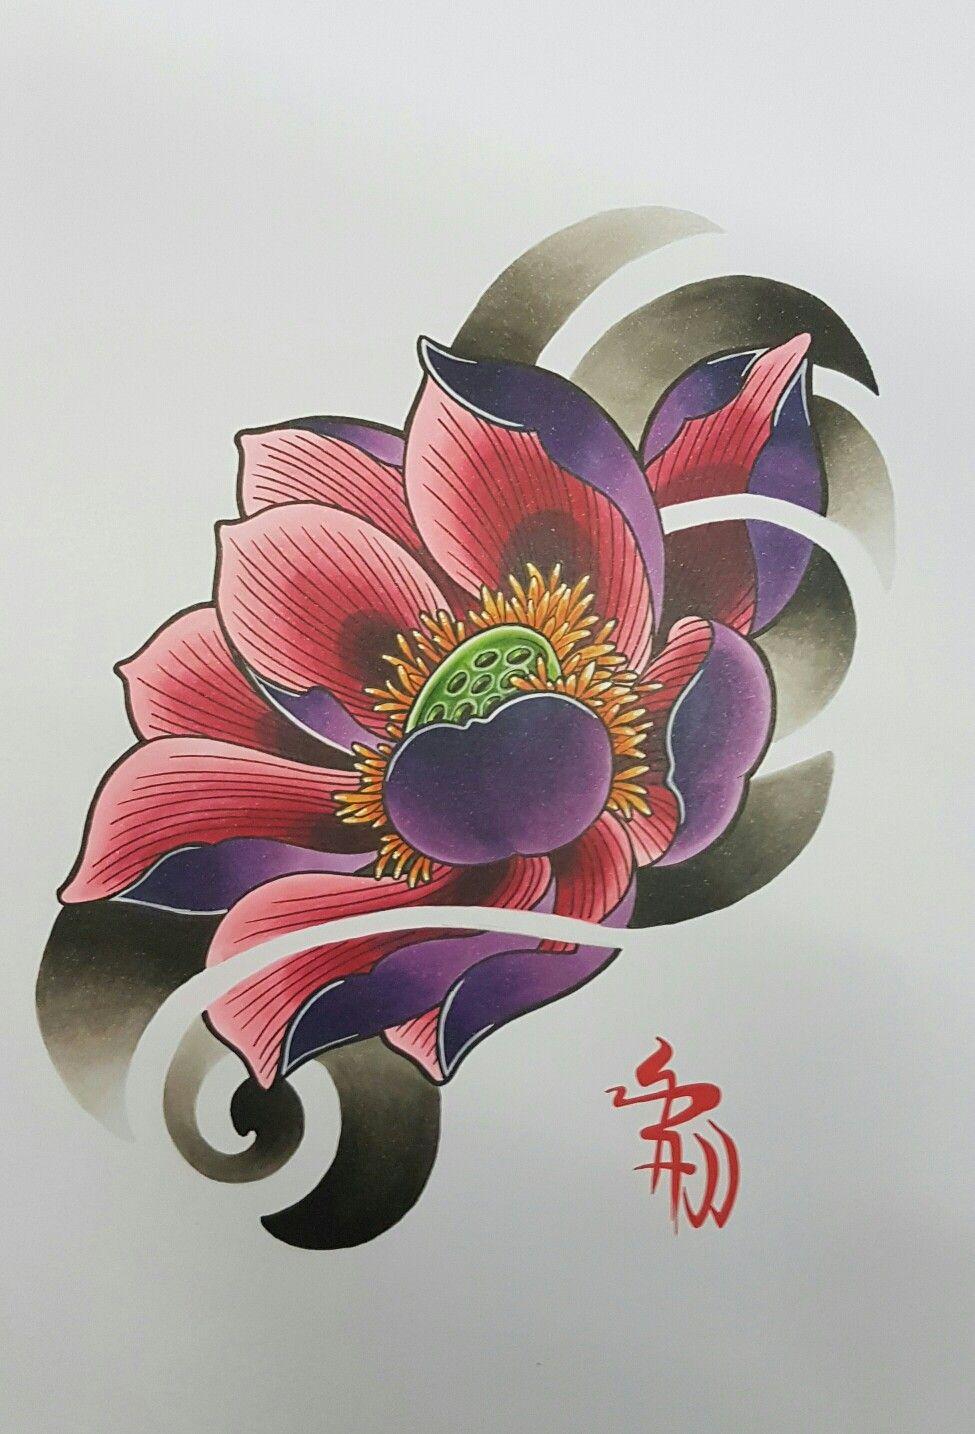 Pin De Gustavo Battistessa Em Tatuajes Com Imagens Tatto Flor